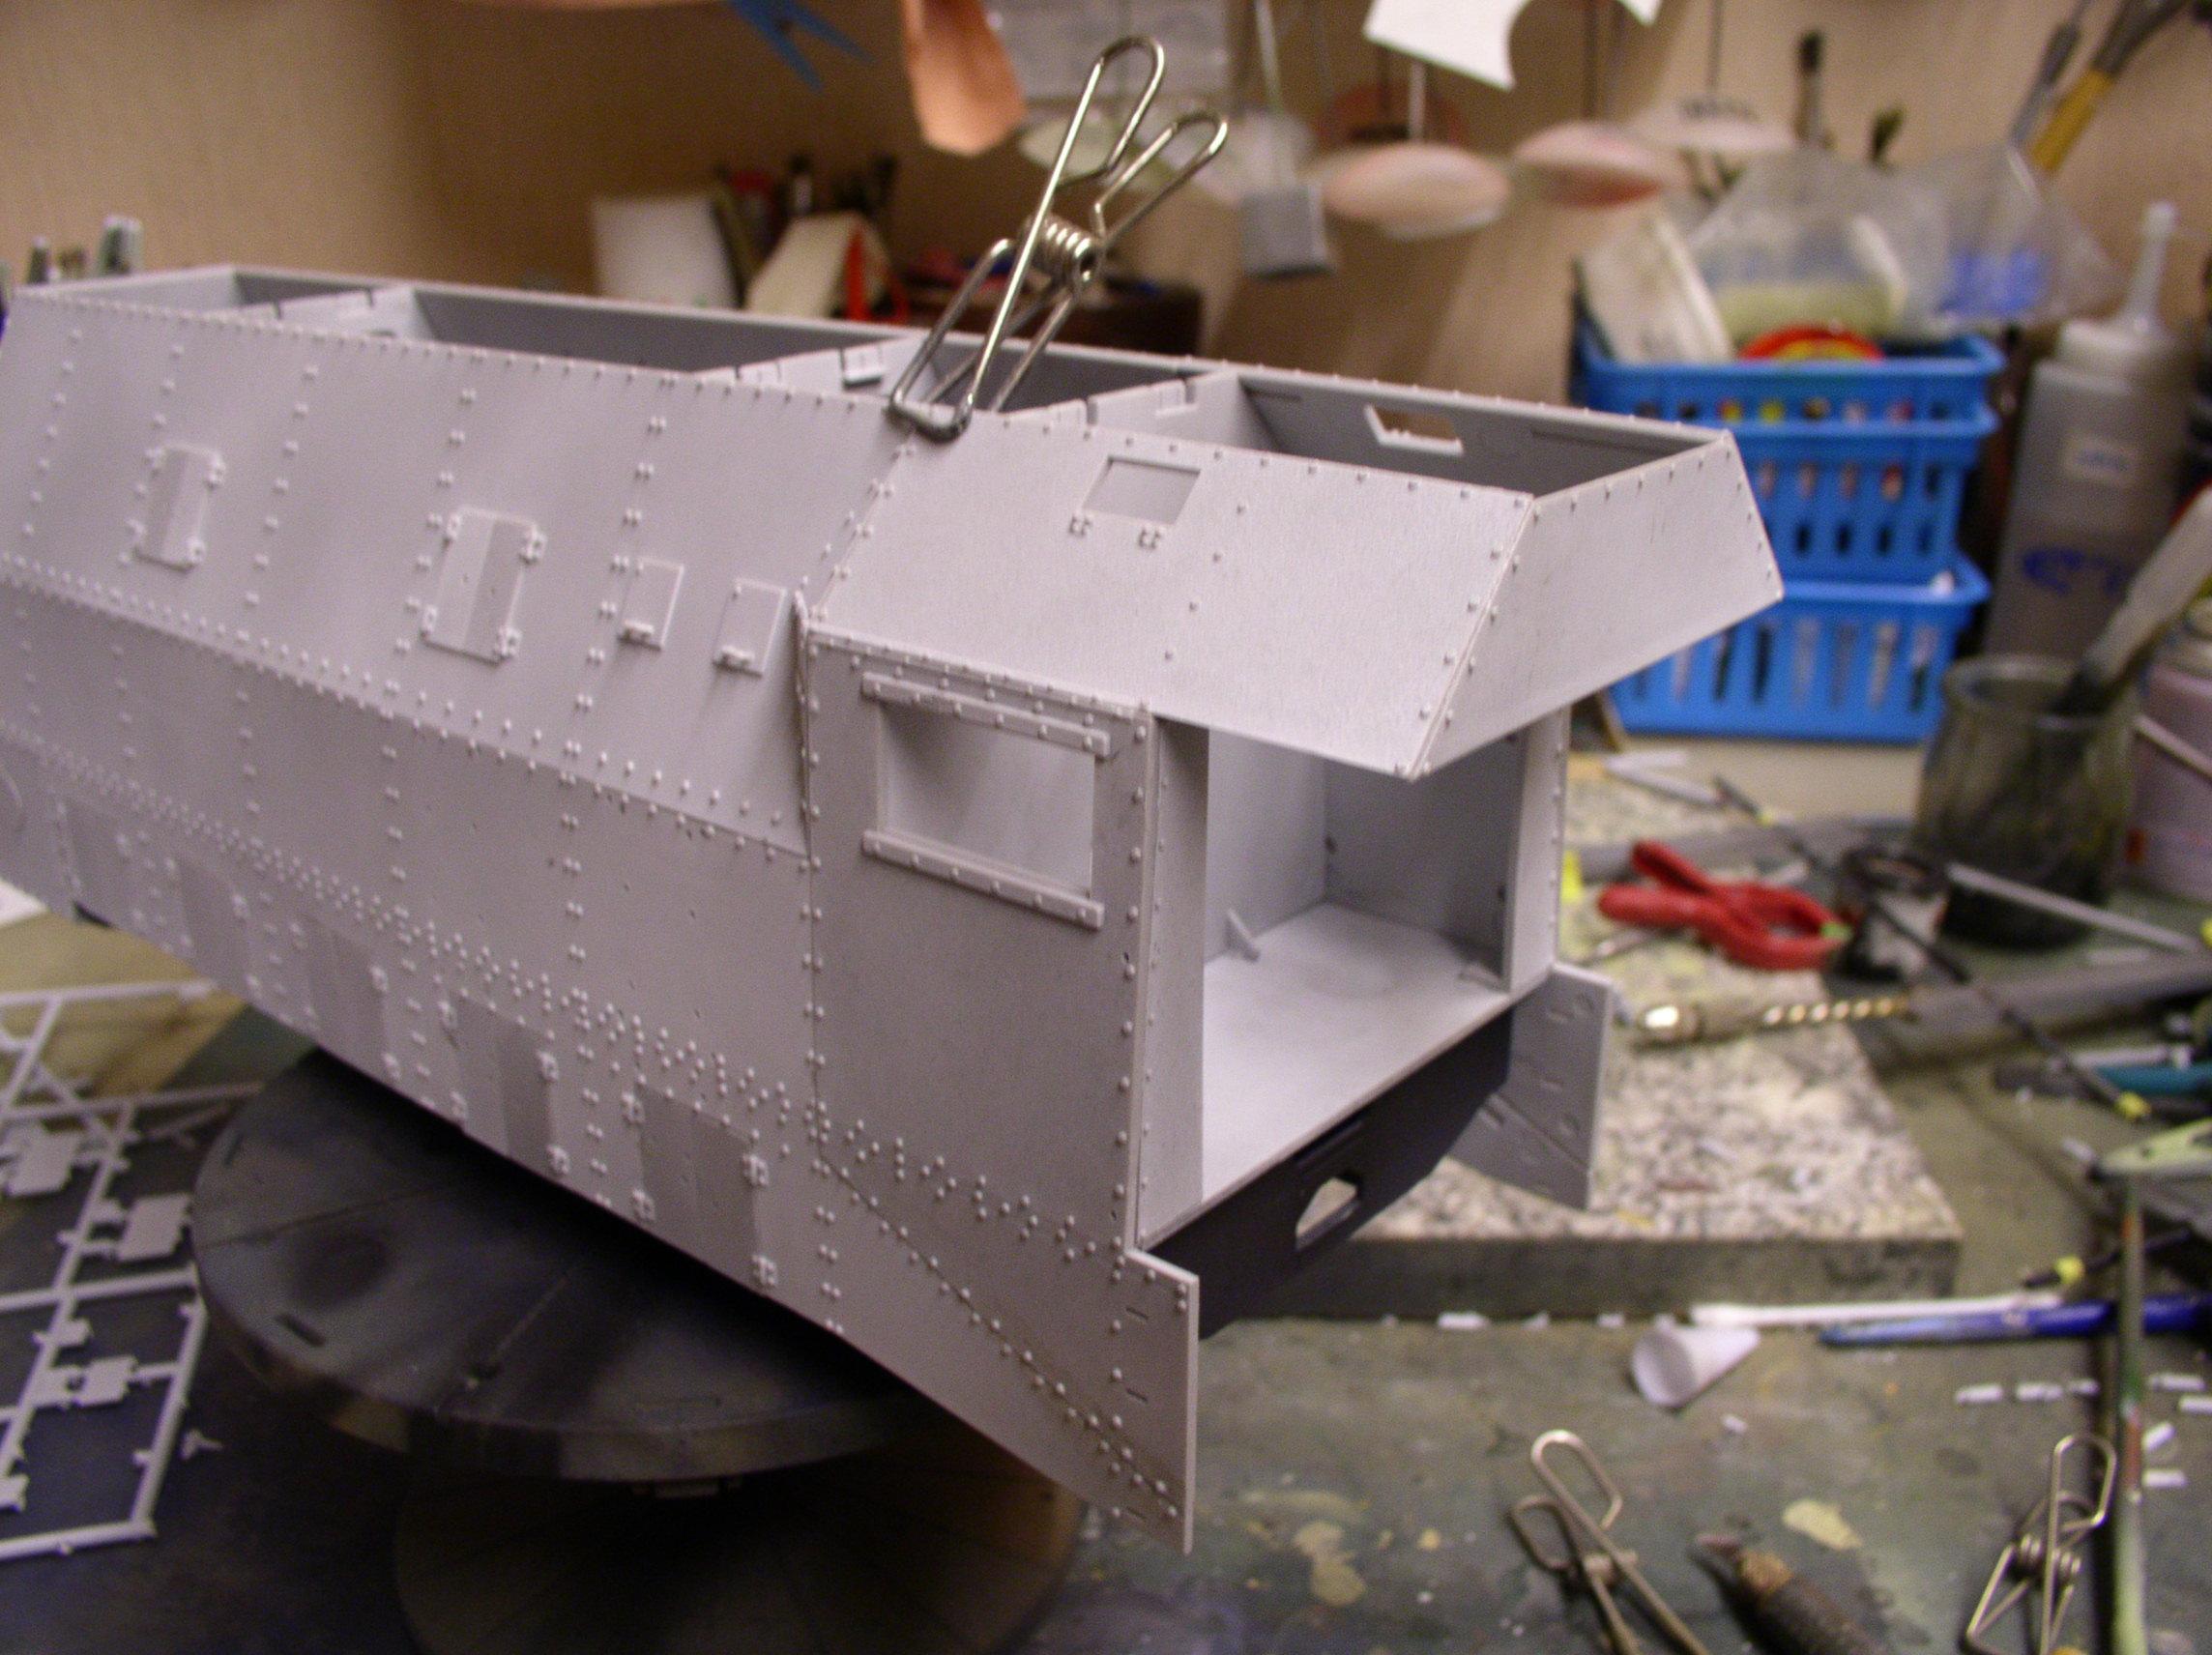 peinture - (Thunderbird) BR 57 Baureihe Panzerlok (Peinture en cours)  - Page 2 12990510